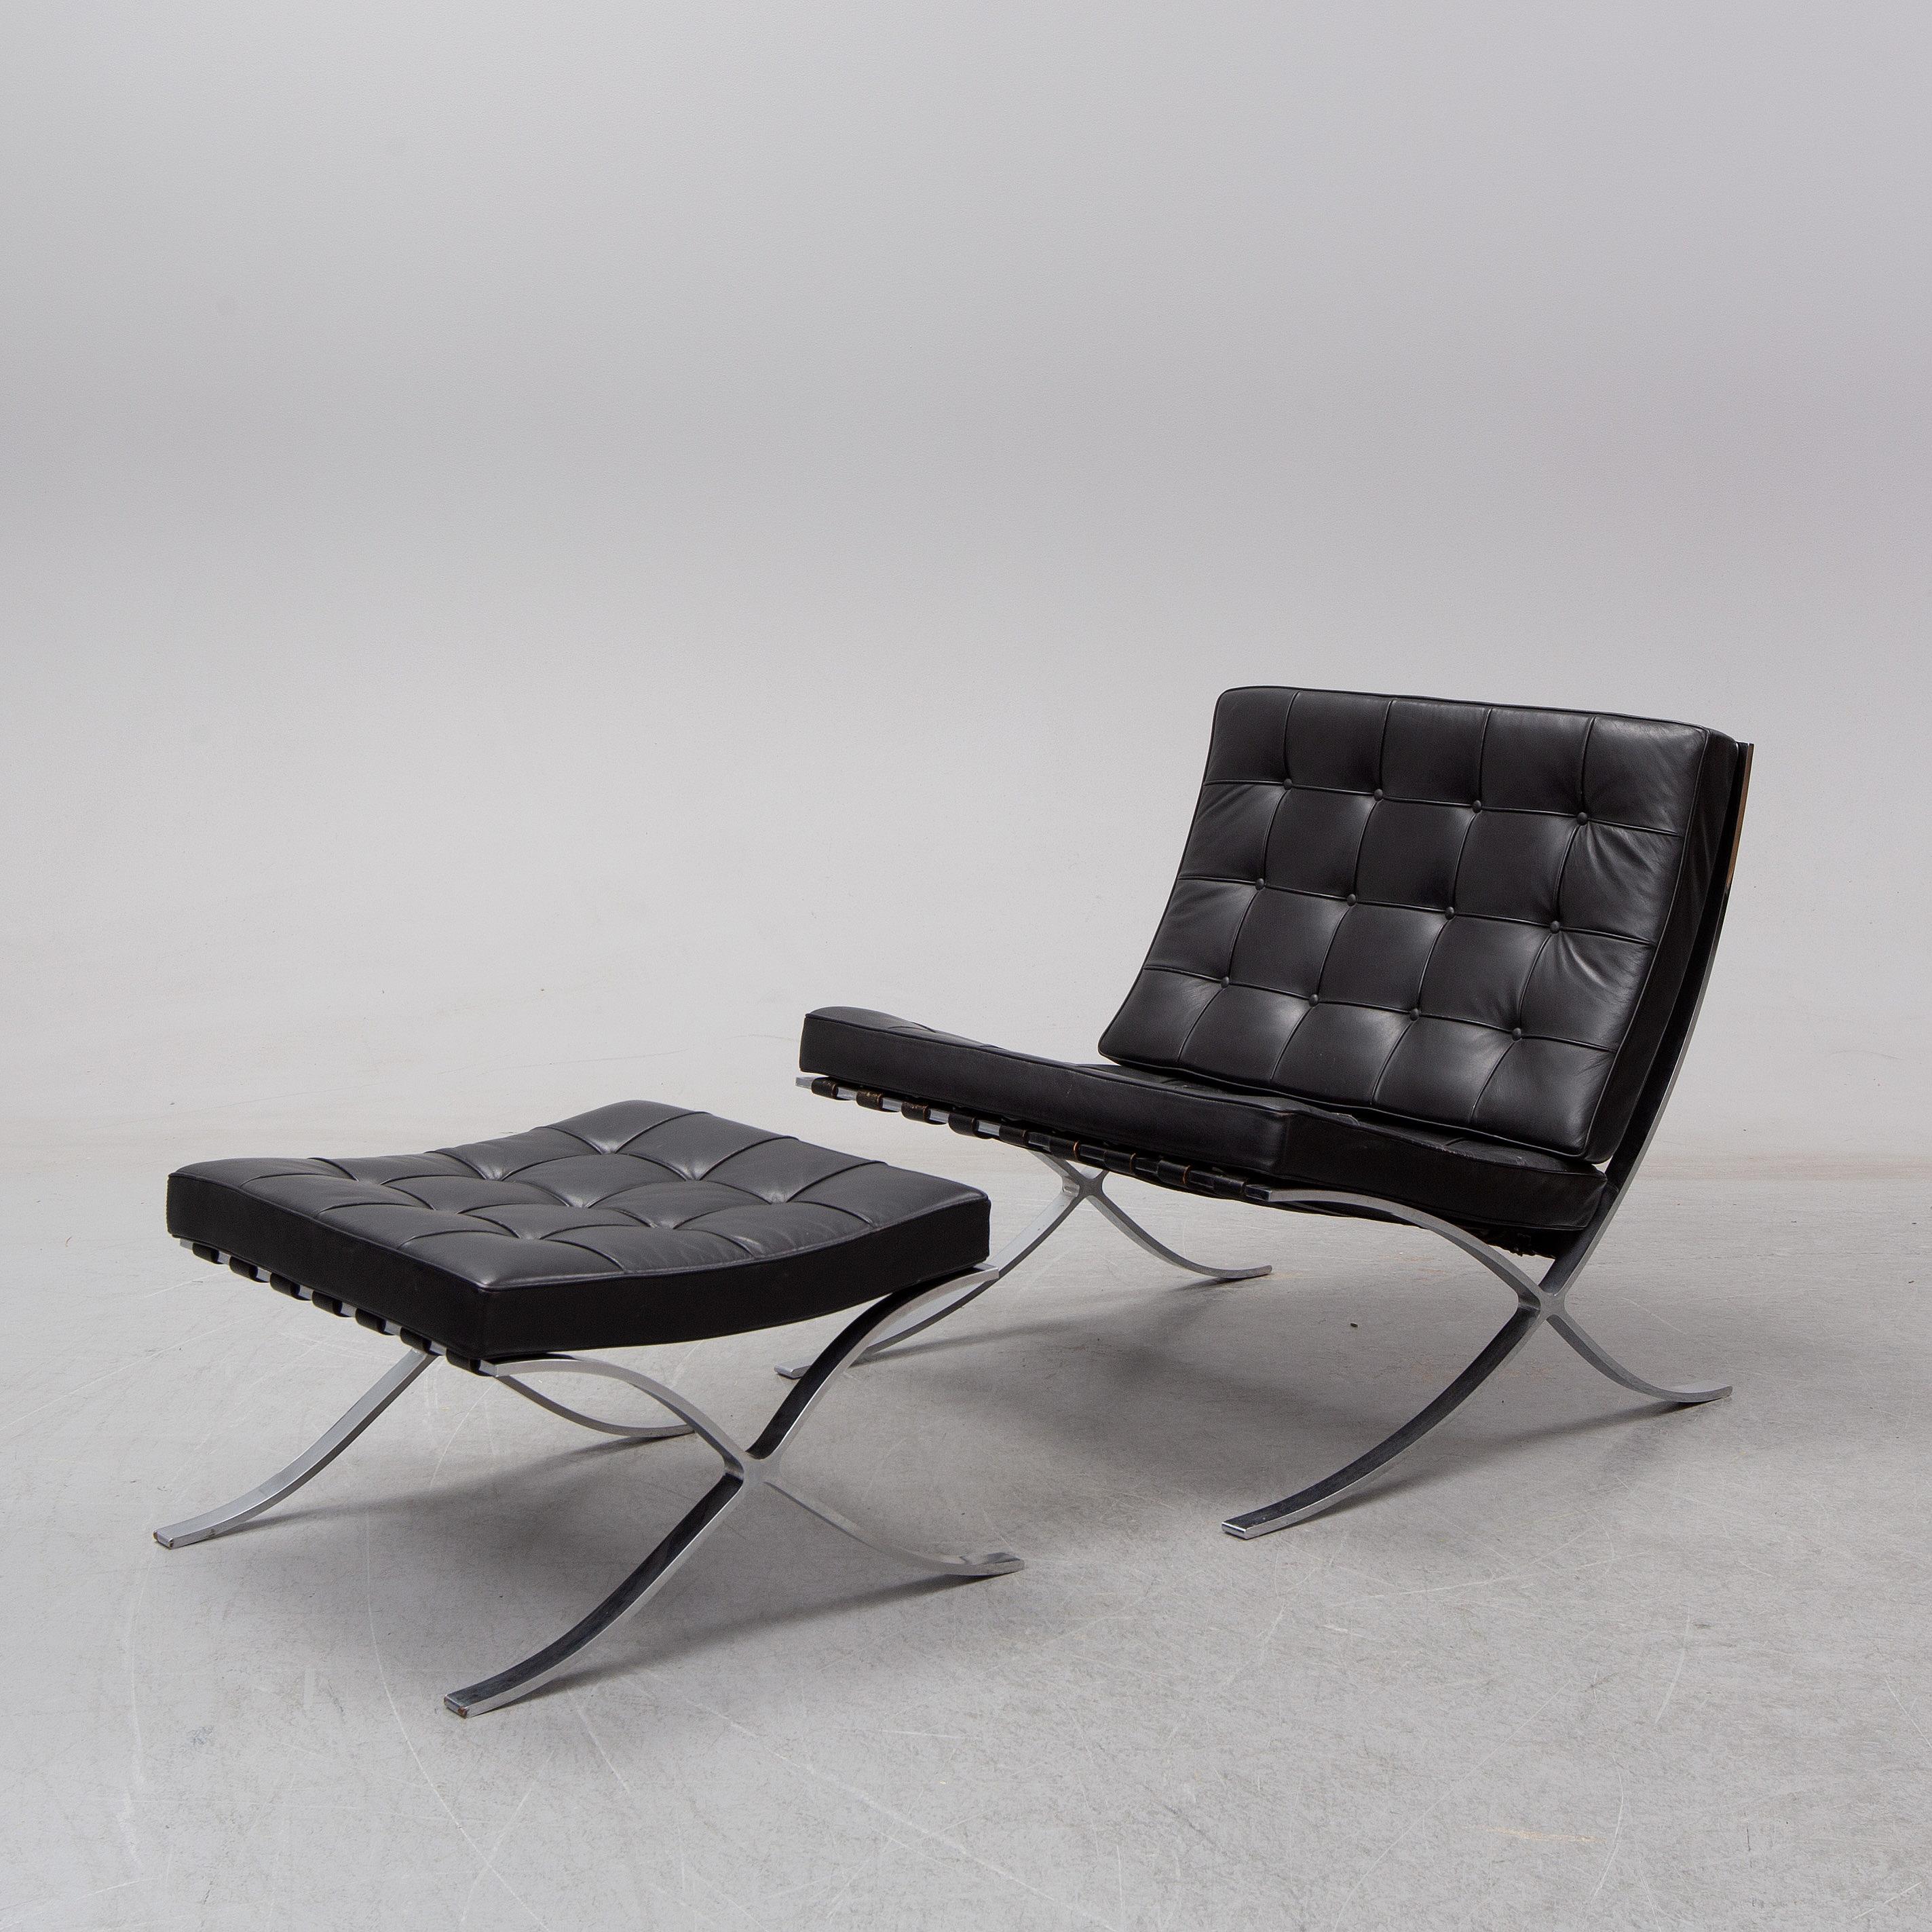 Ludwig Mies van der Rohe, a 'Barcelona' lounge chair and ottoman, Knoll. -  Bukowskis